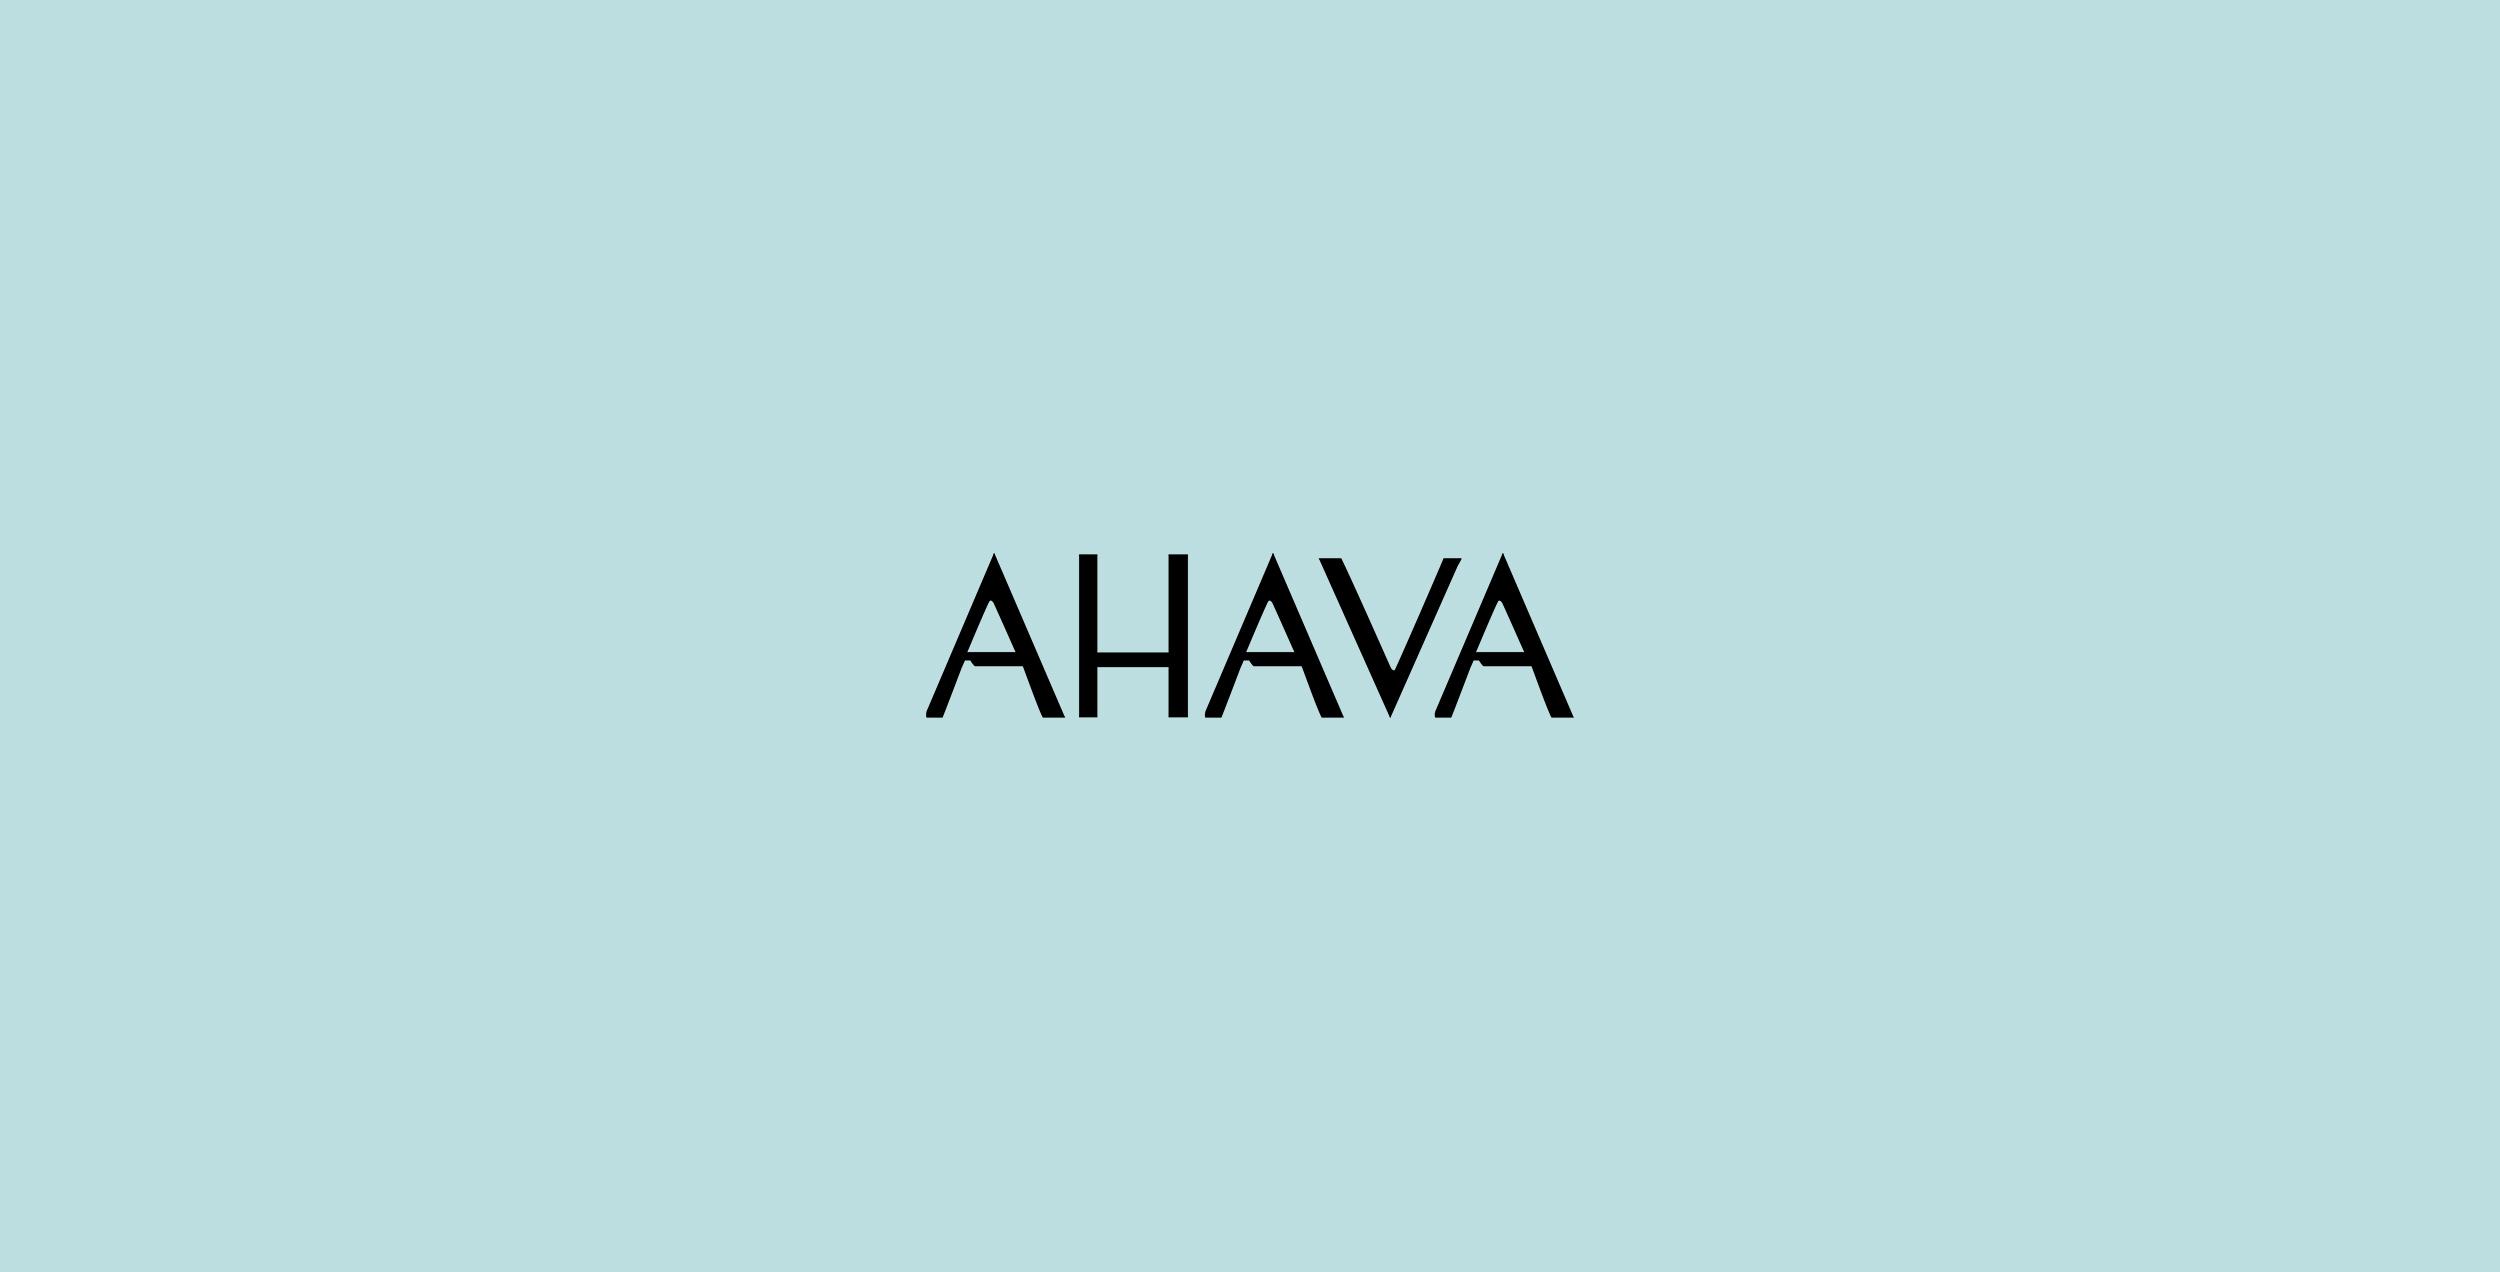 AhavaHeader.jpg